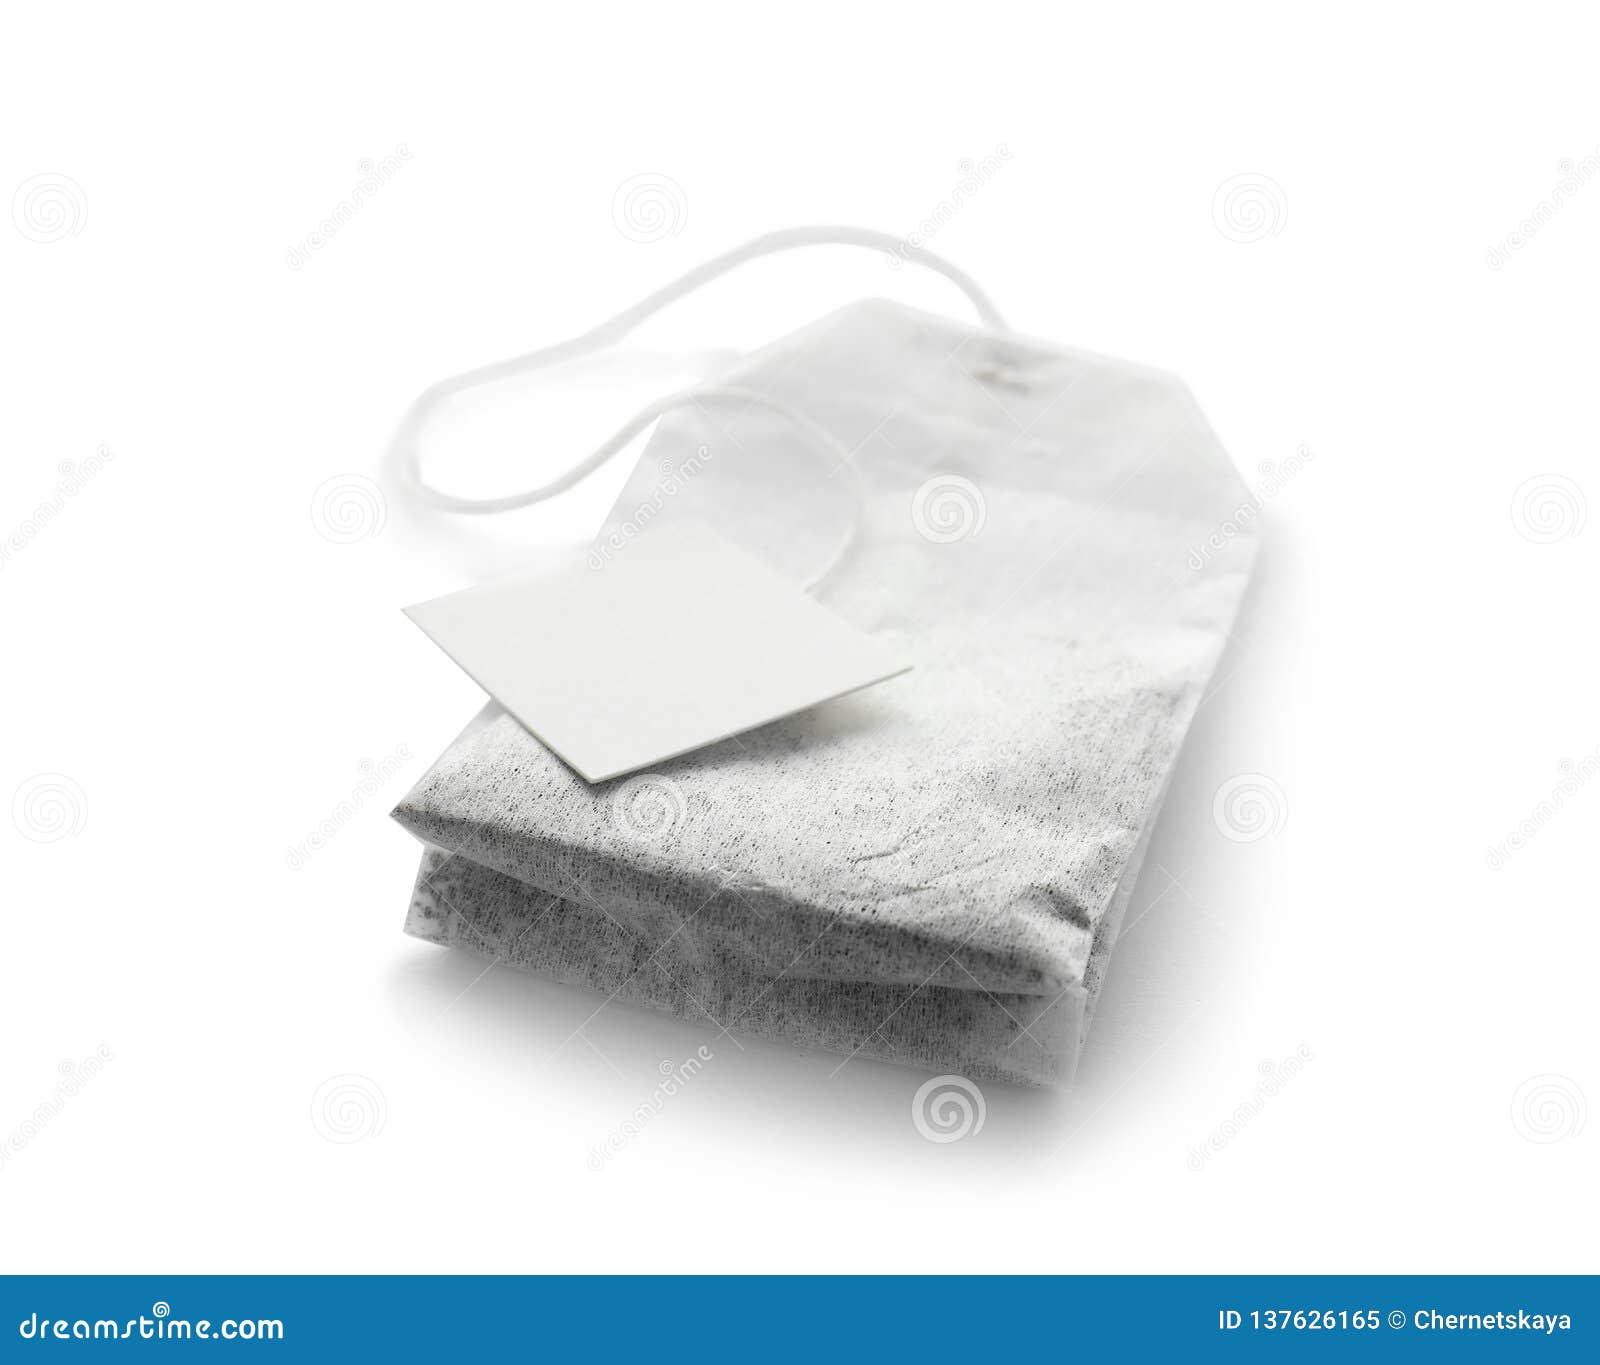 Неиспользованный пакетик чая с биркой